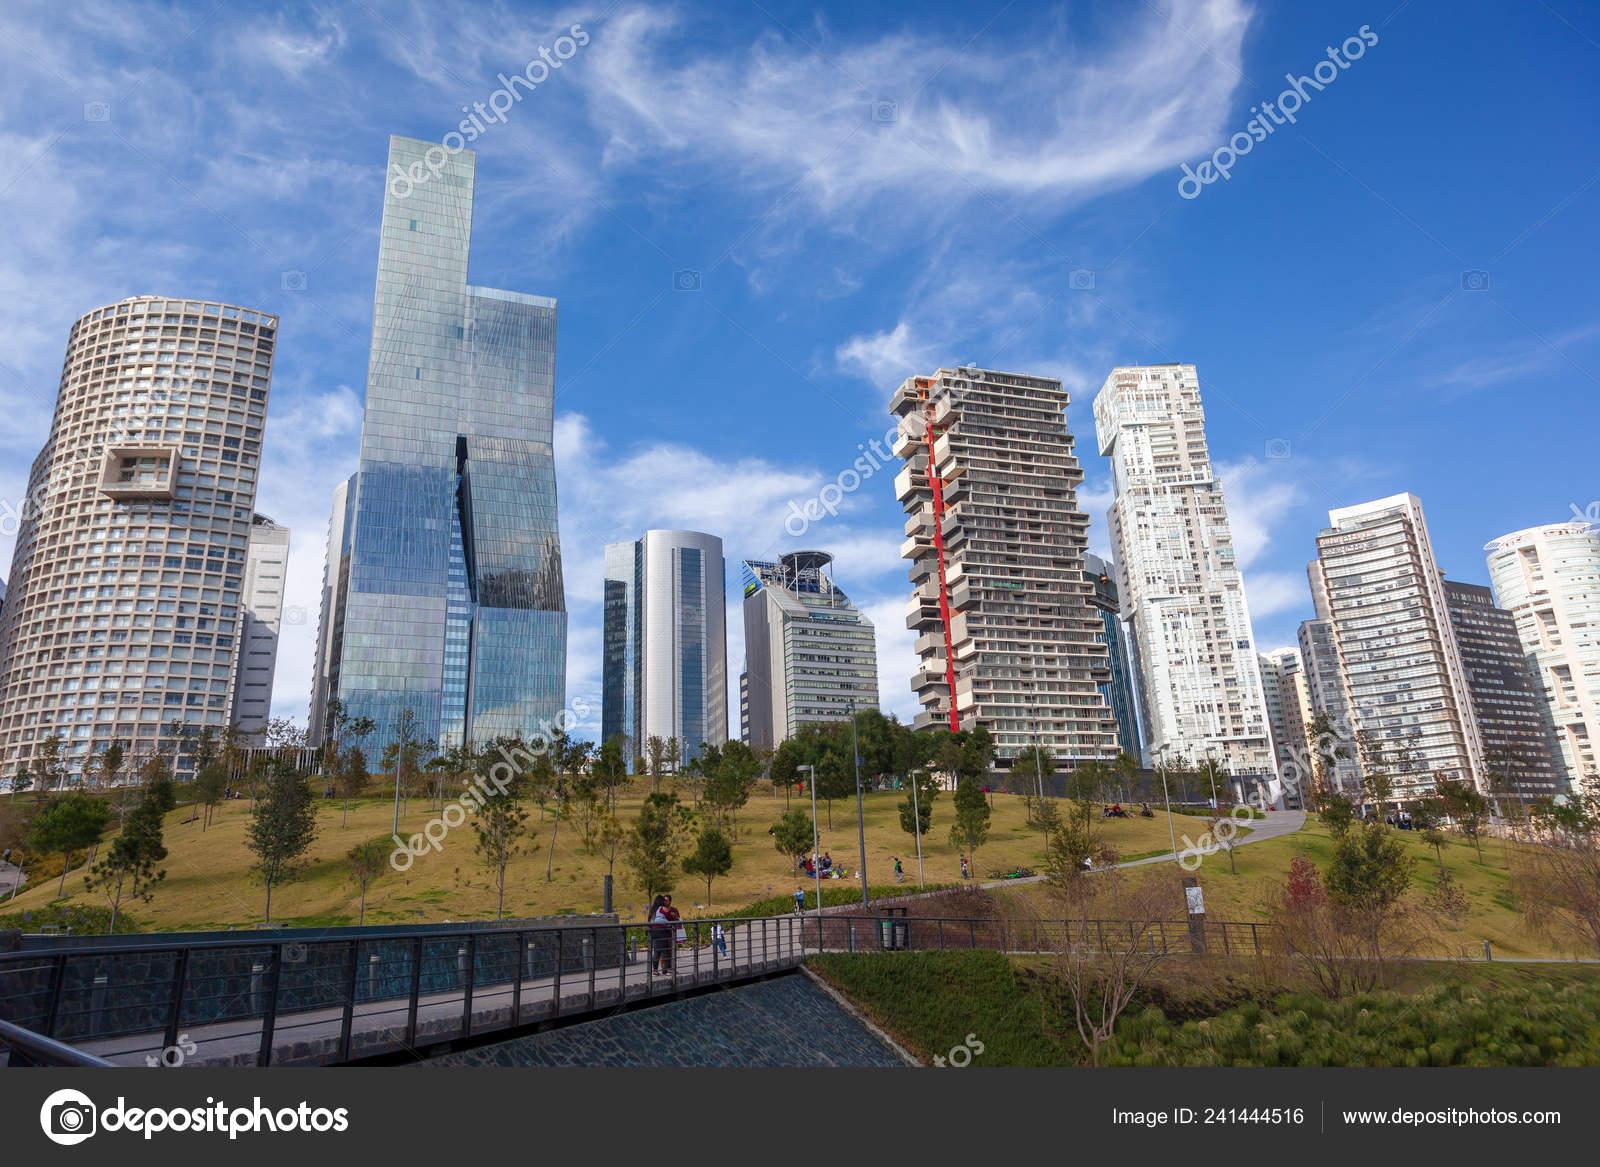 Mexico City Mexico Dec 2018 Mexicana Park Modern Beautiful Skyscrapers Stock Editorial Photo C Chepenicoli 241444516